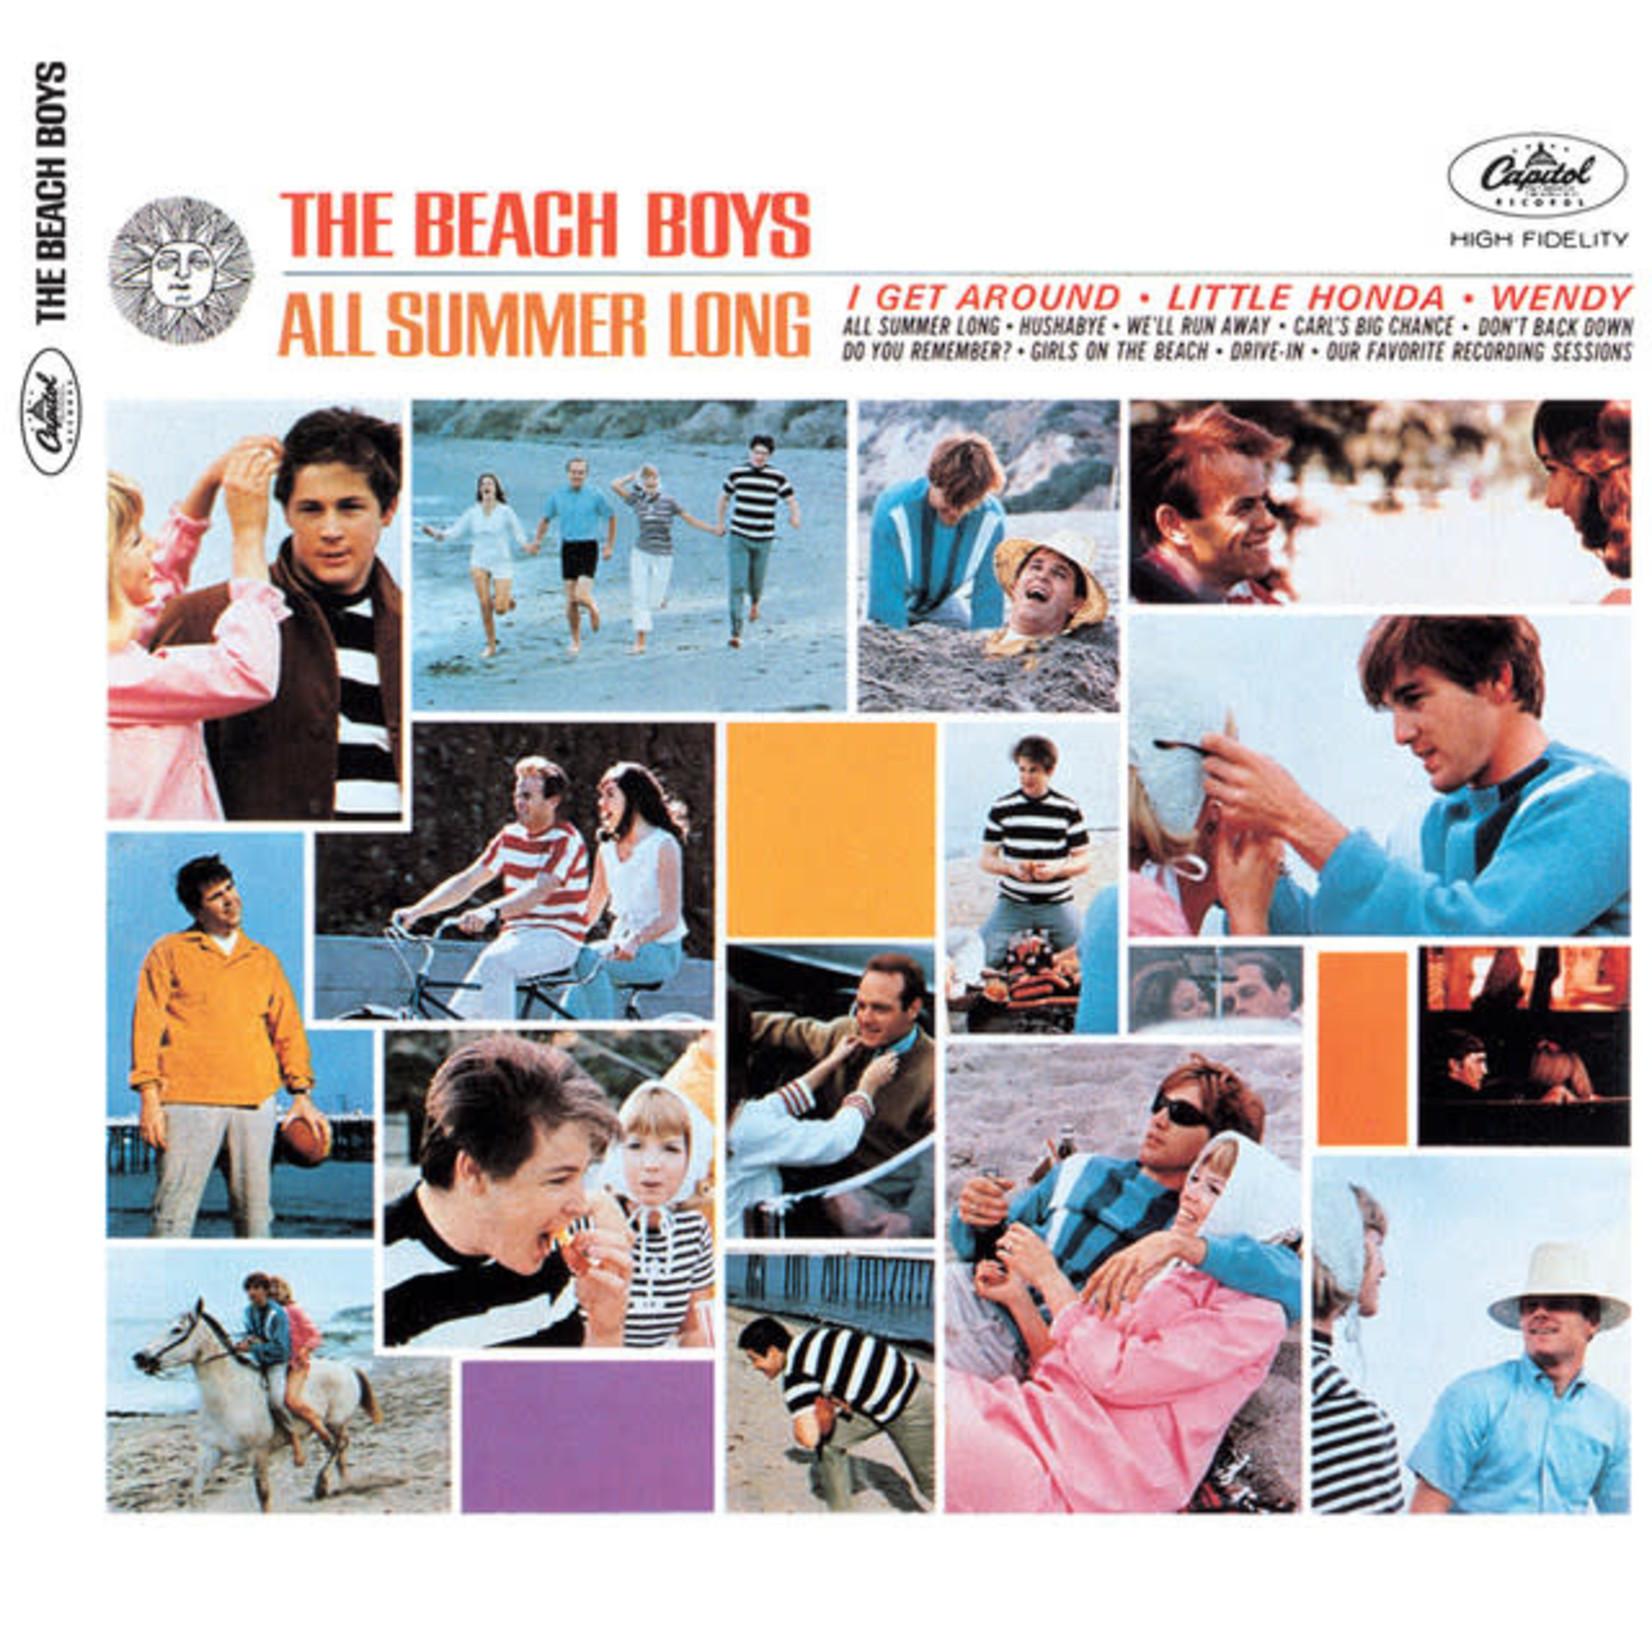 Vinyl The Beach Boys - All Summer Long